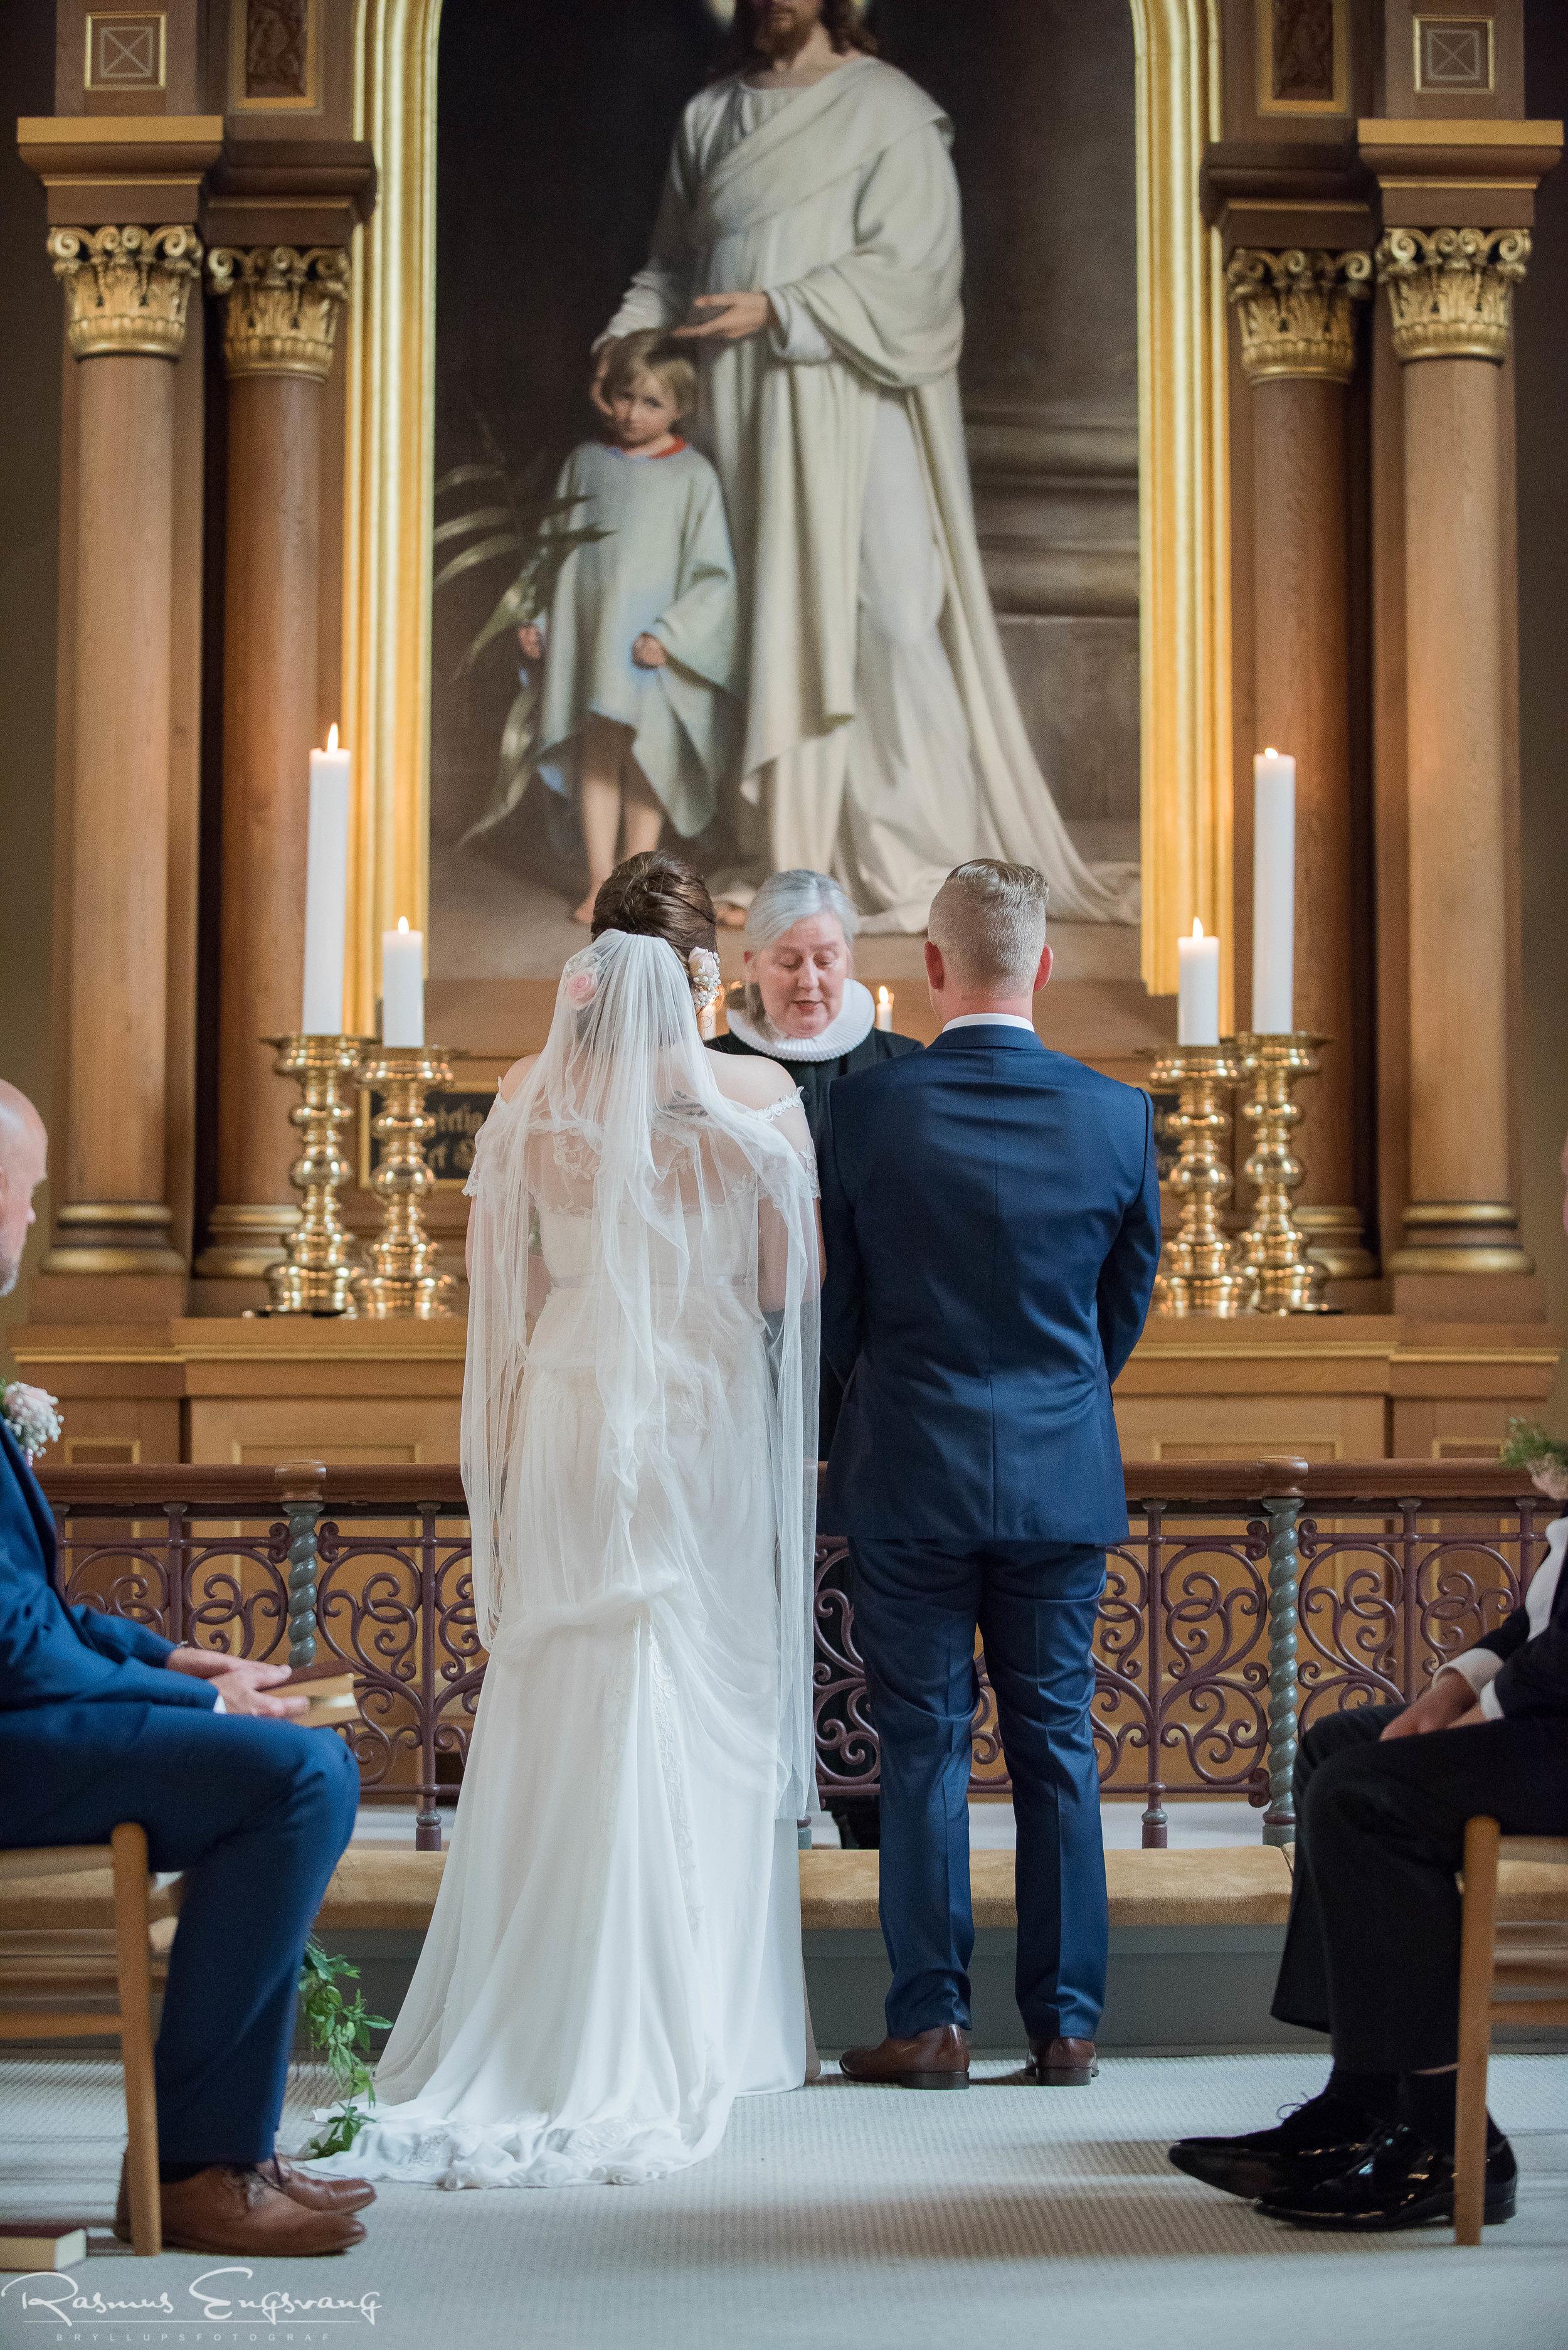 Bryllupsfotograf_Holbæk_Ringsted_Sjælland-105.jpg